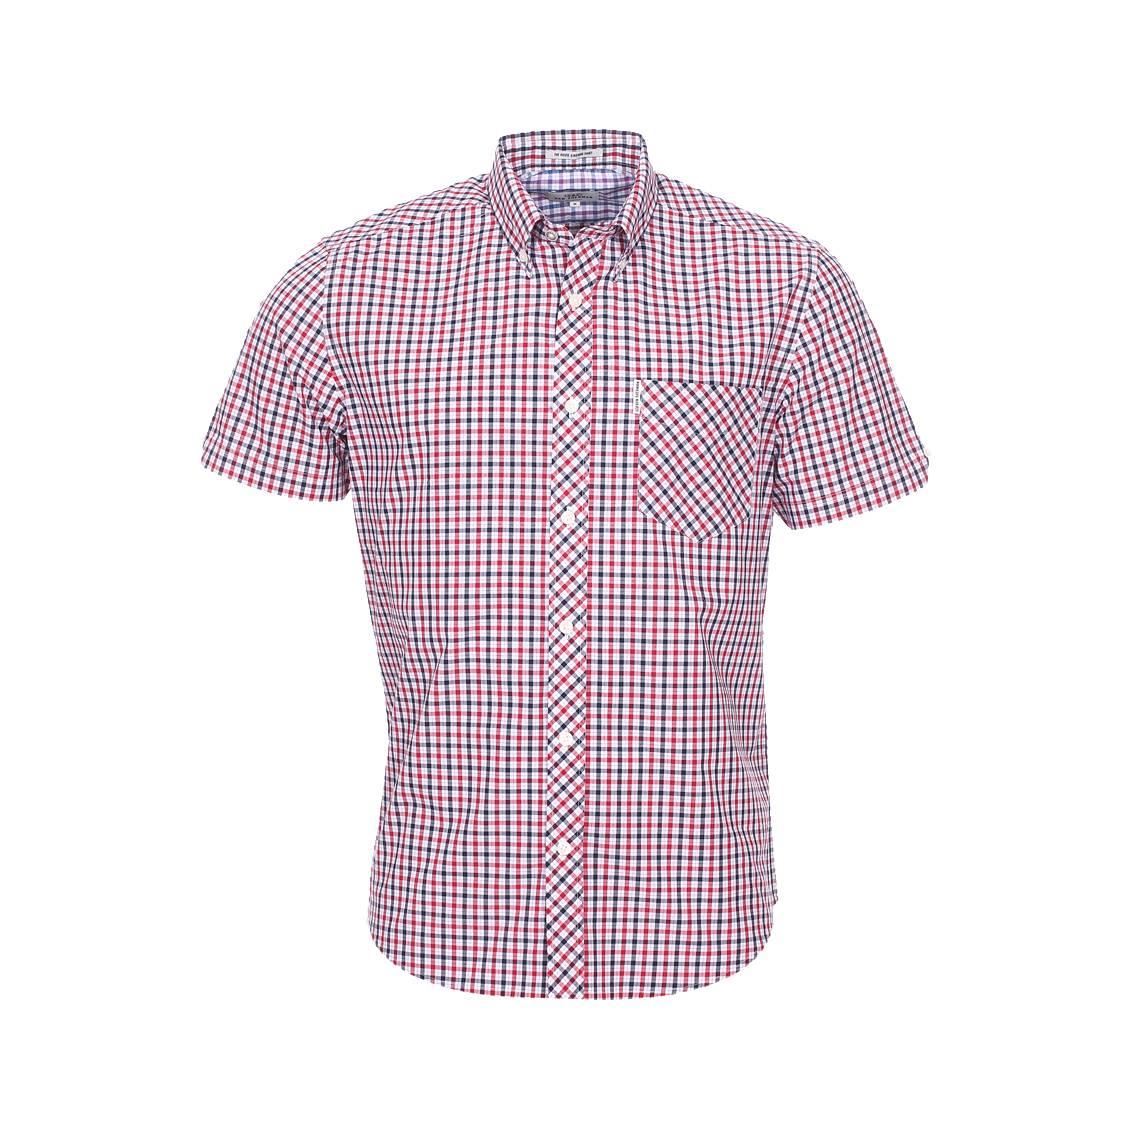 Chemise manches courtes droite  en coton à carreaux bleu marine, blancs et rouges